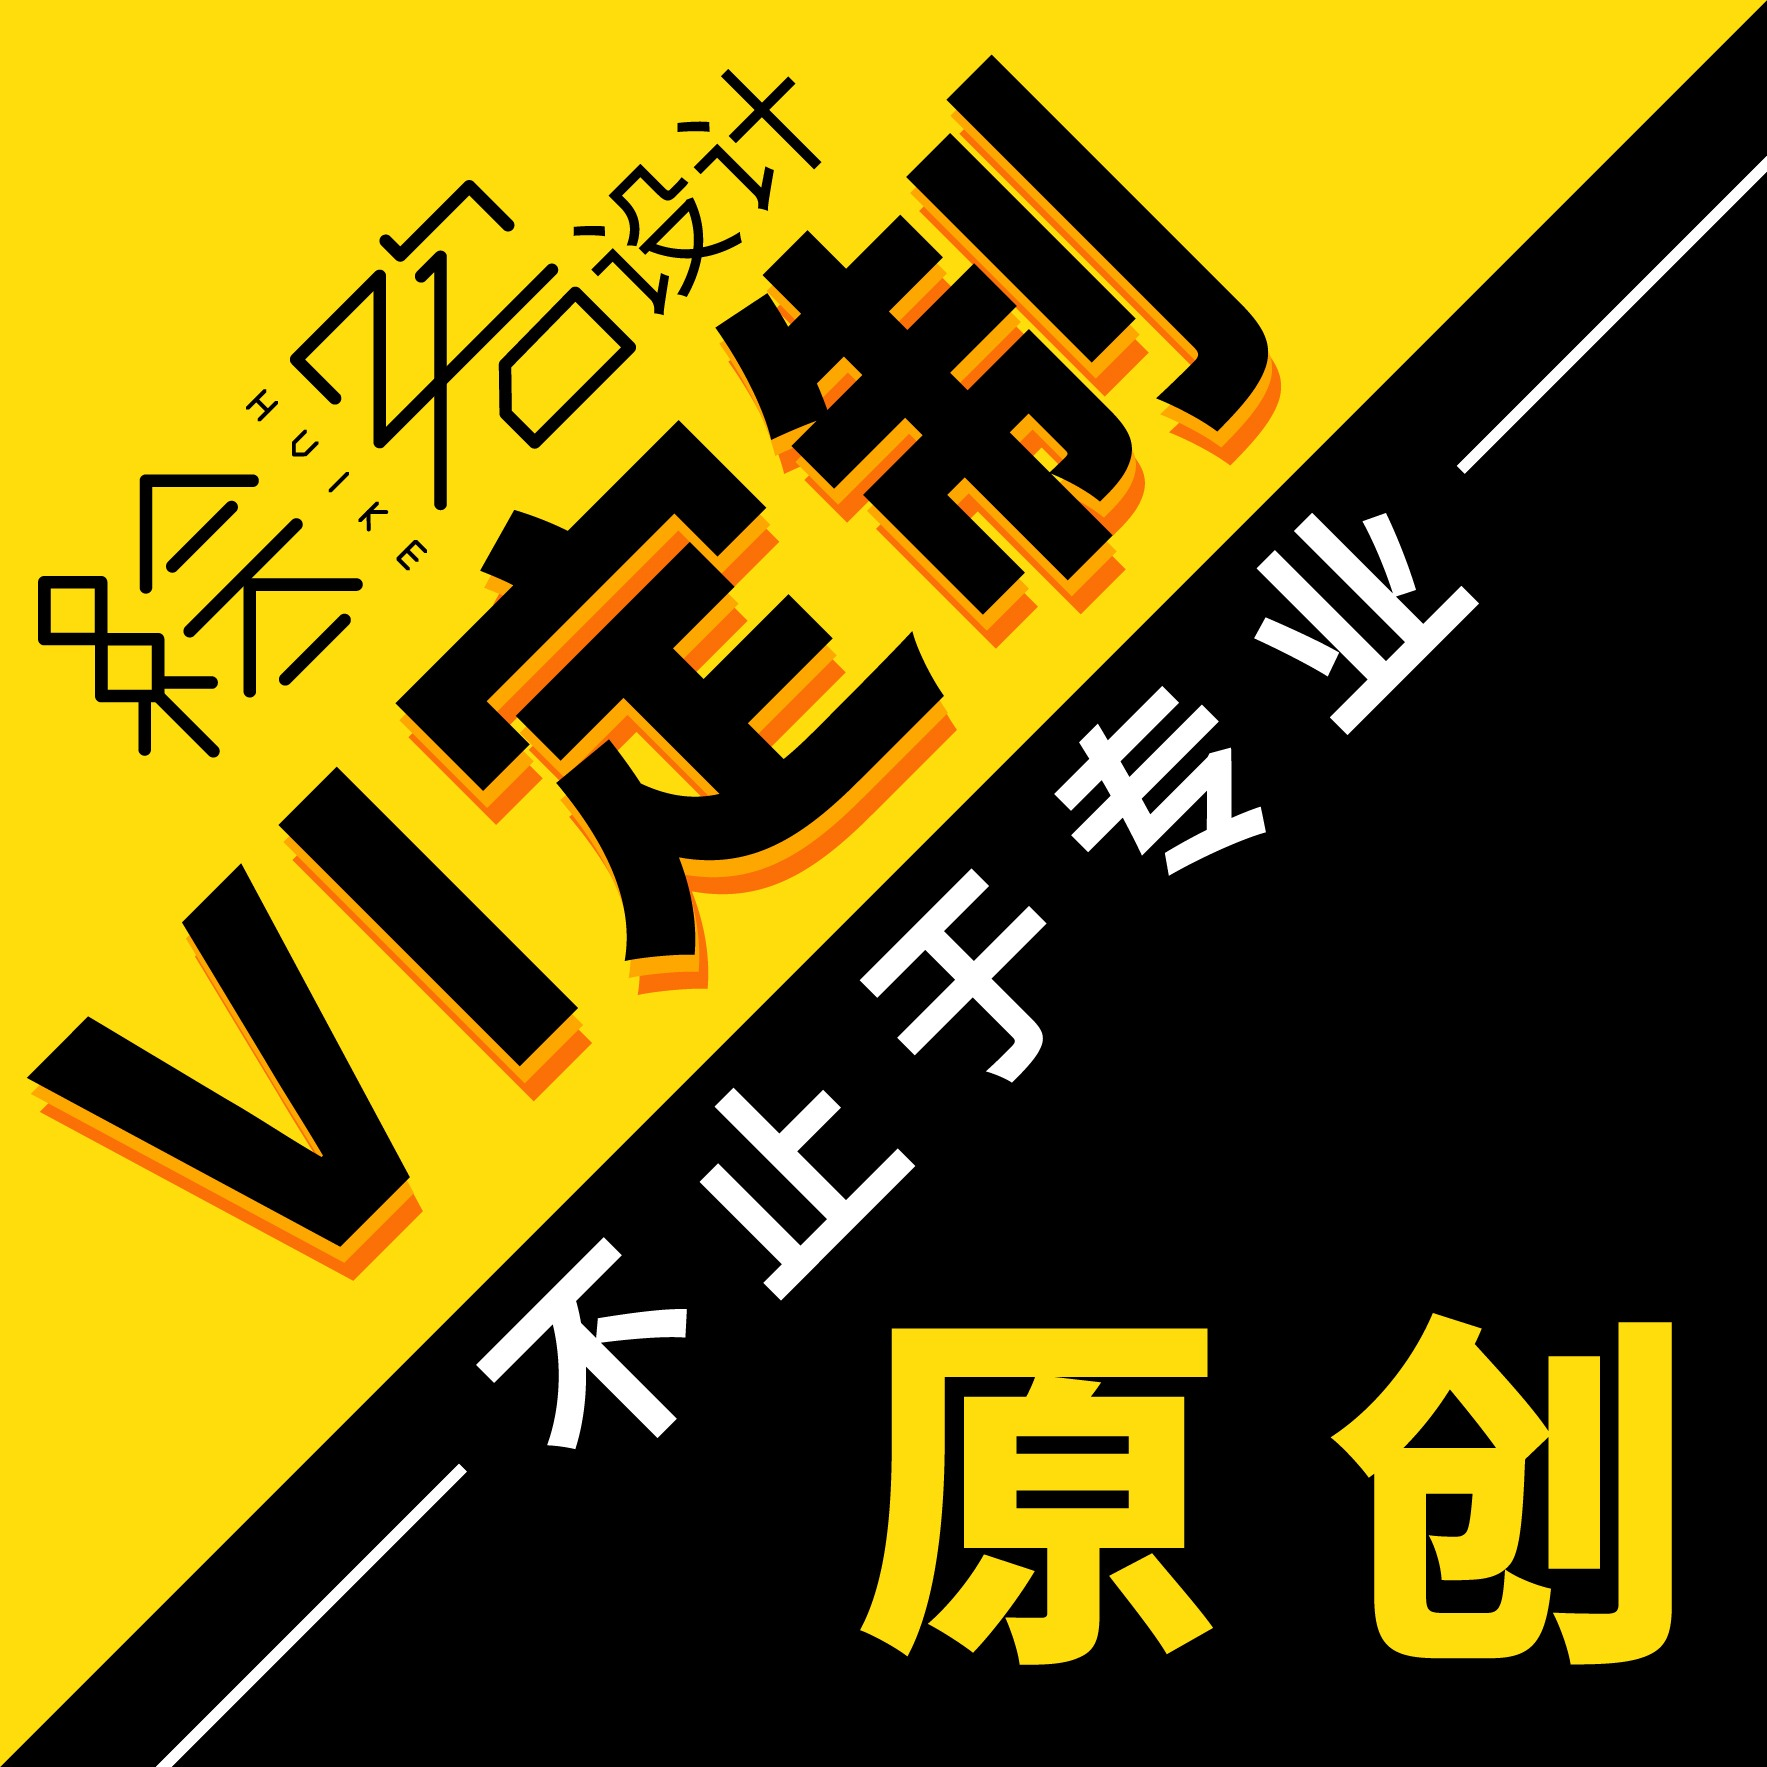 地产 vi 手册 设计 代做品牌形象ci 设计 民宿招牌展板 设计 品牌全案